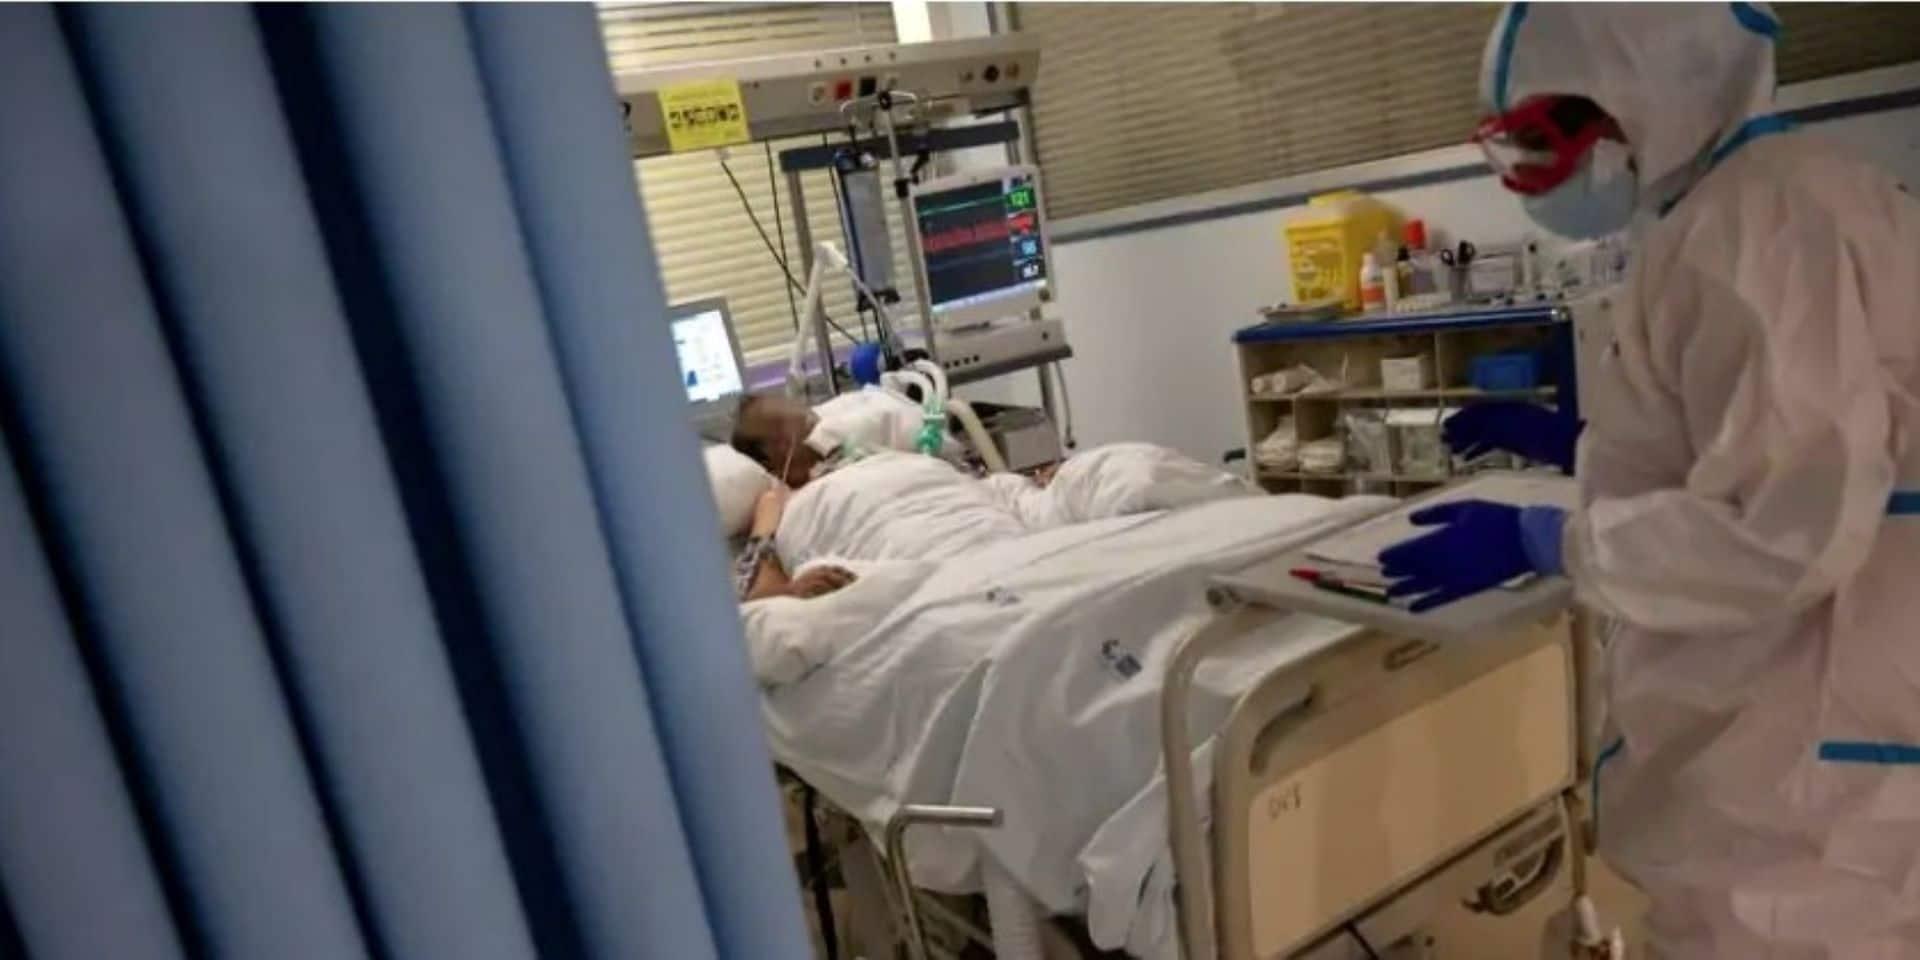 Manque de personnel infirmier : Vivalia va faire appel à l'armée